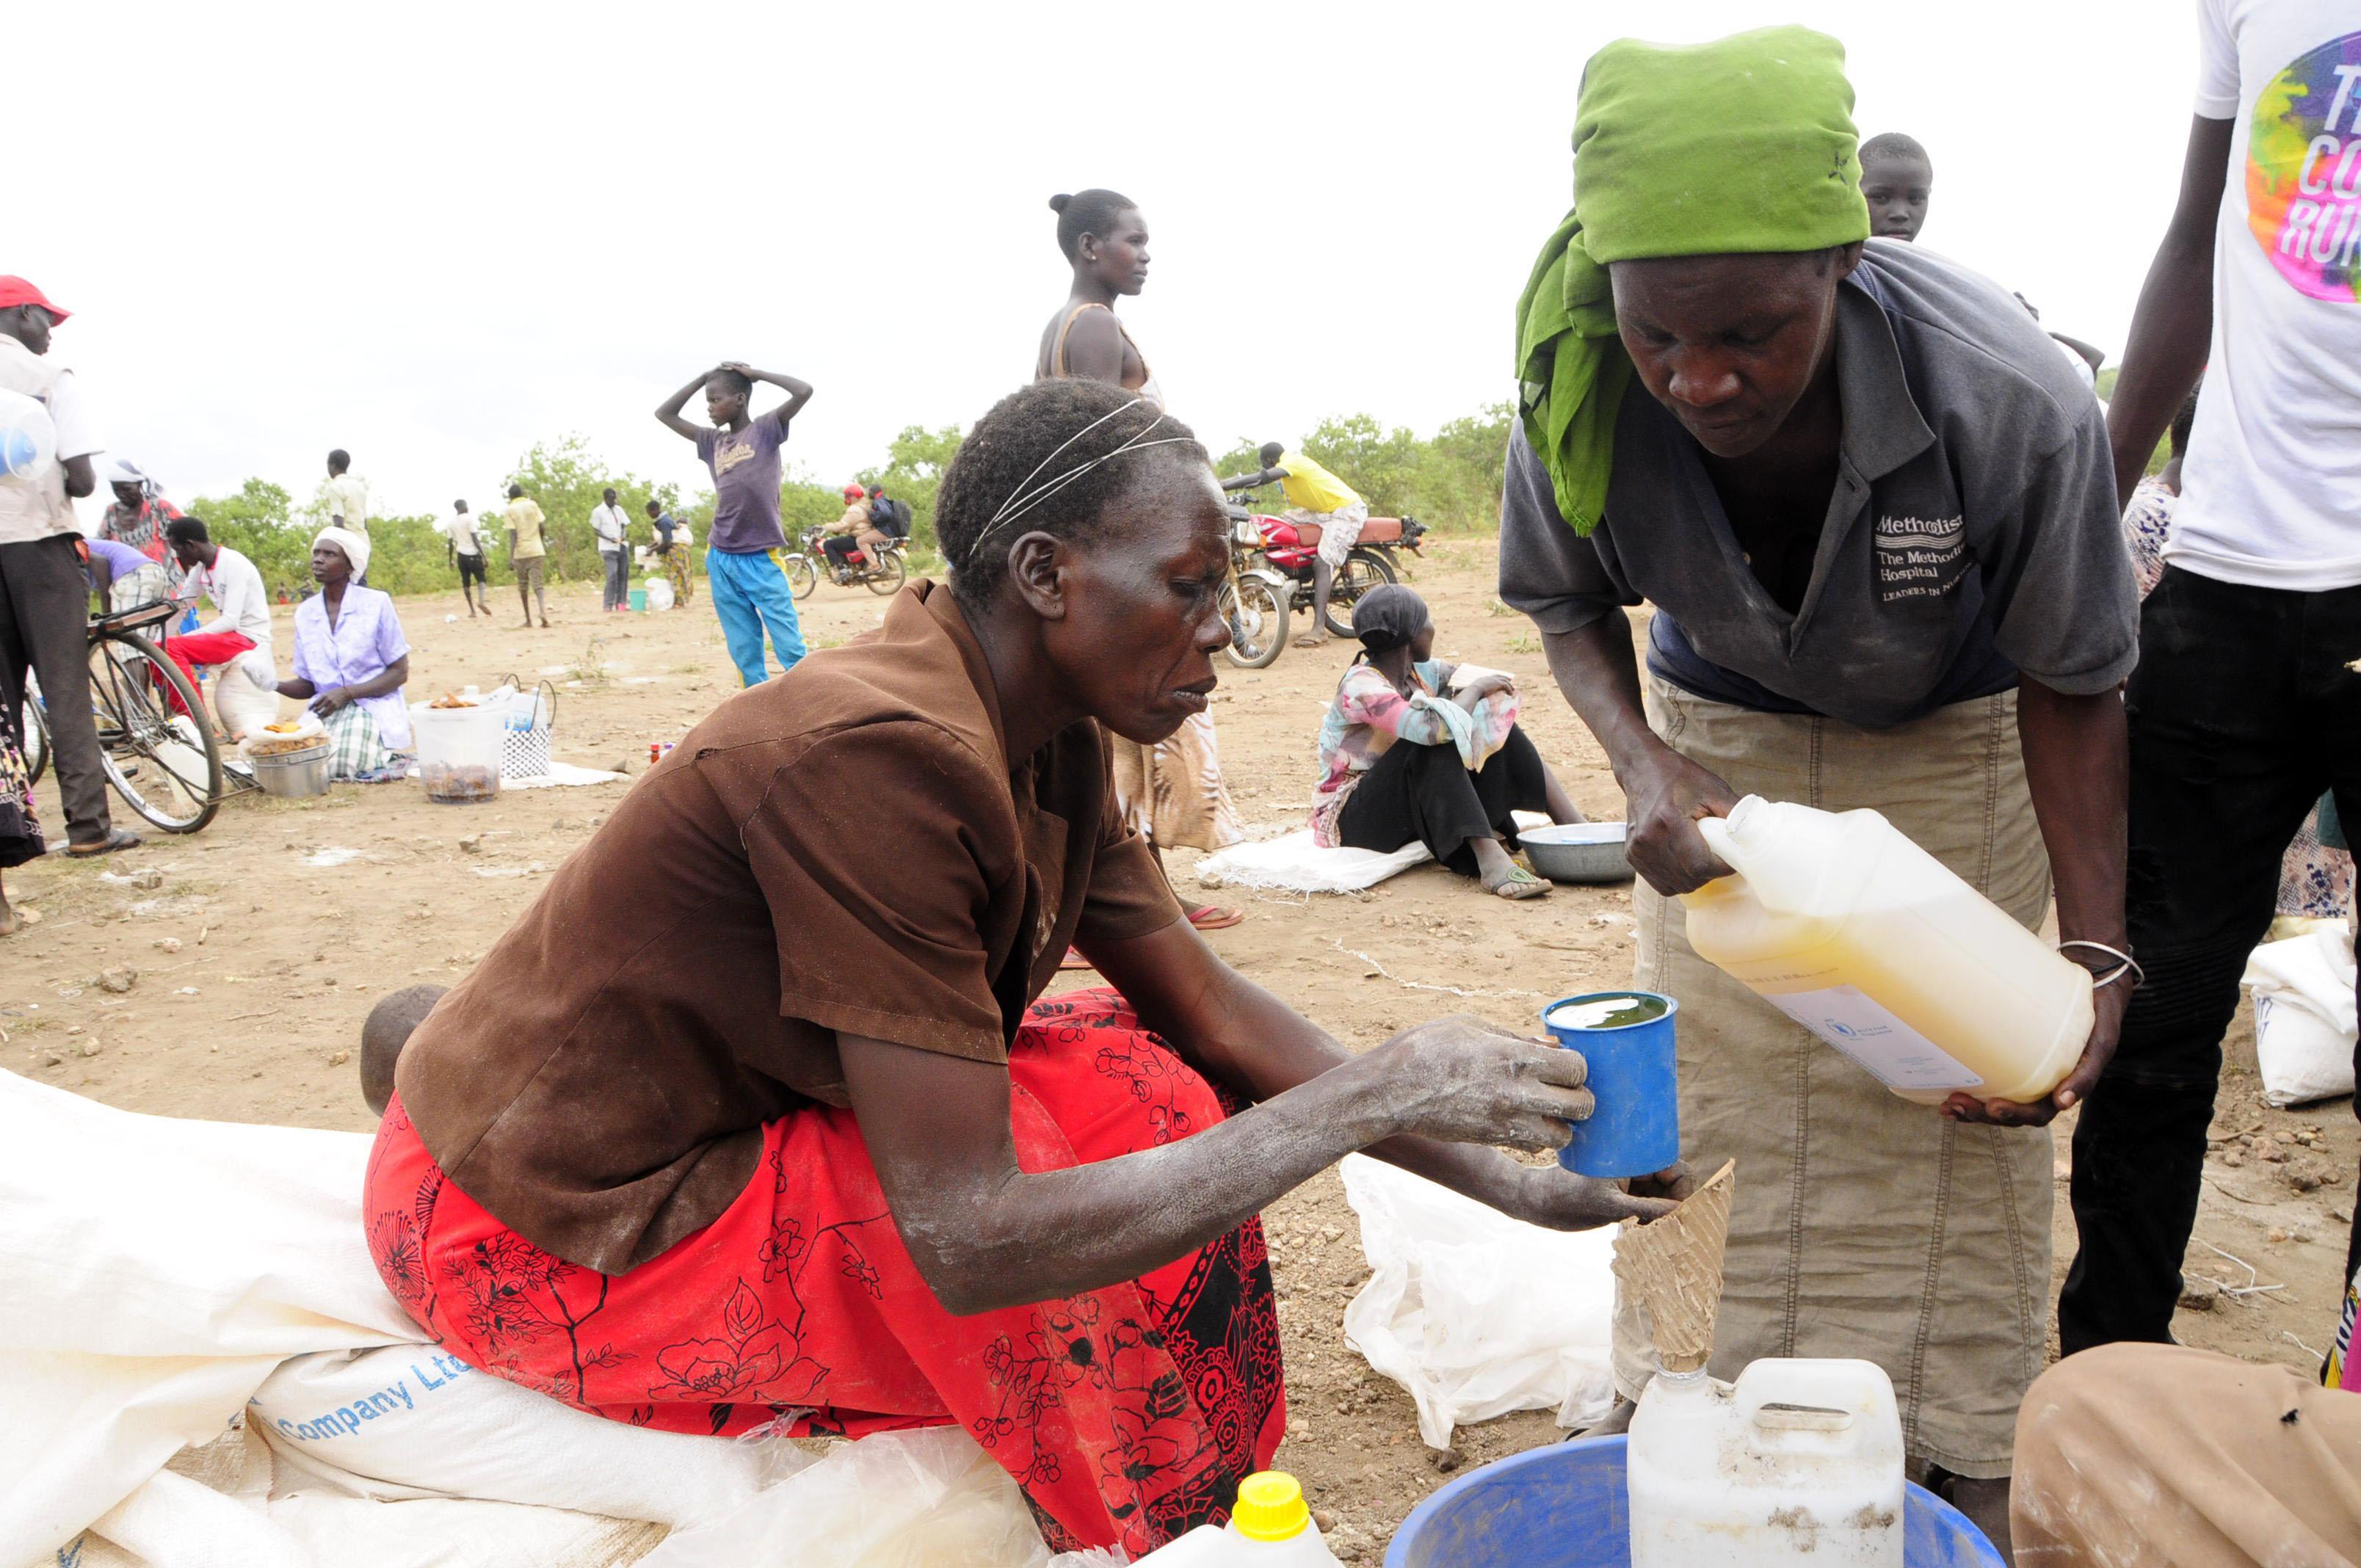 Distribuimos medicamentos, mosquiteras y kits de higiene a familias congoleñas refugiadas en Uganda junto con la Generalitat Valenciana